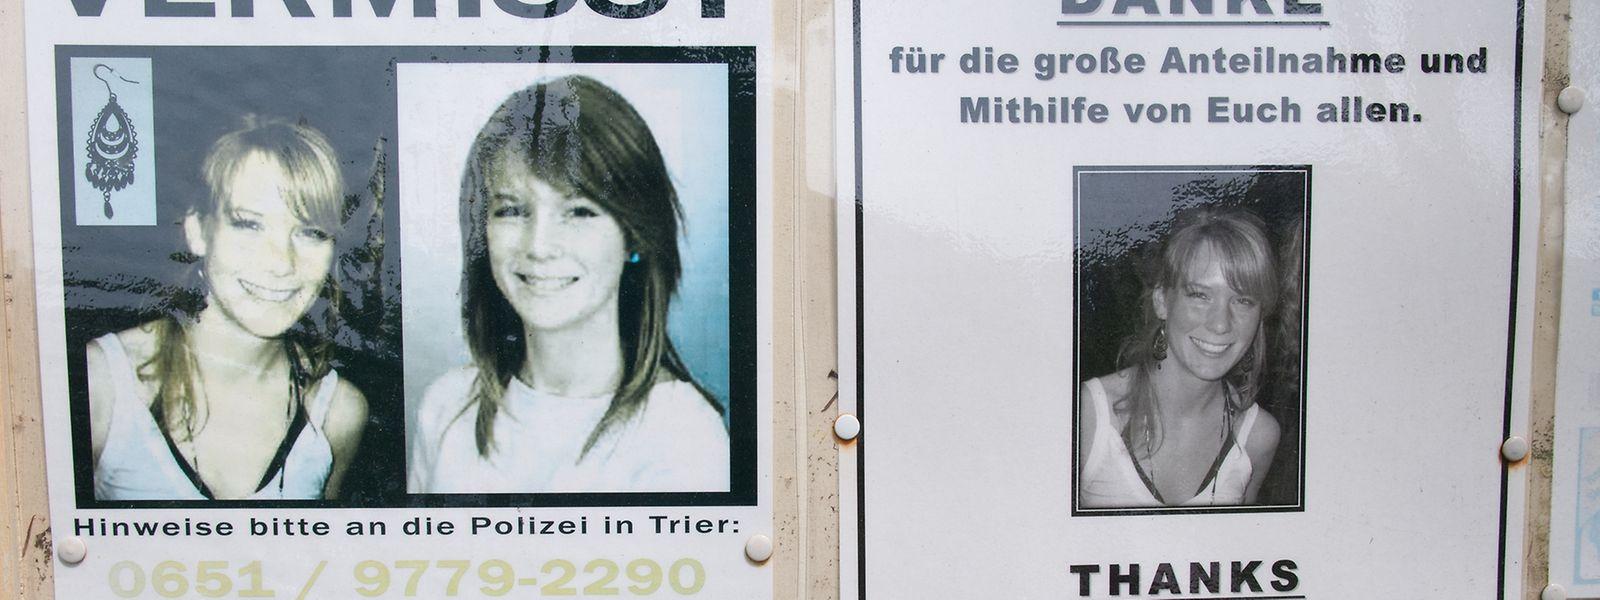 97 neue Hinweise sind seit dem Auffinden der sterblichen Überreste von Tanja Gräff eingegangen.